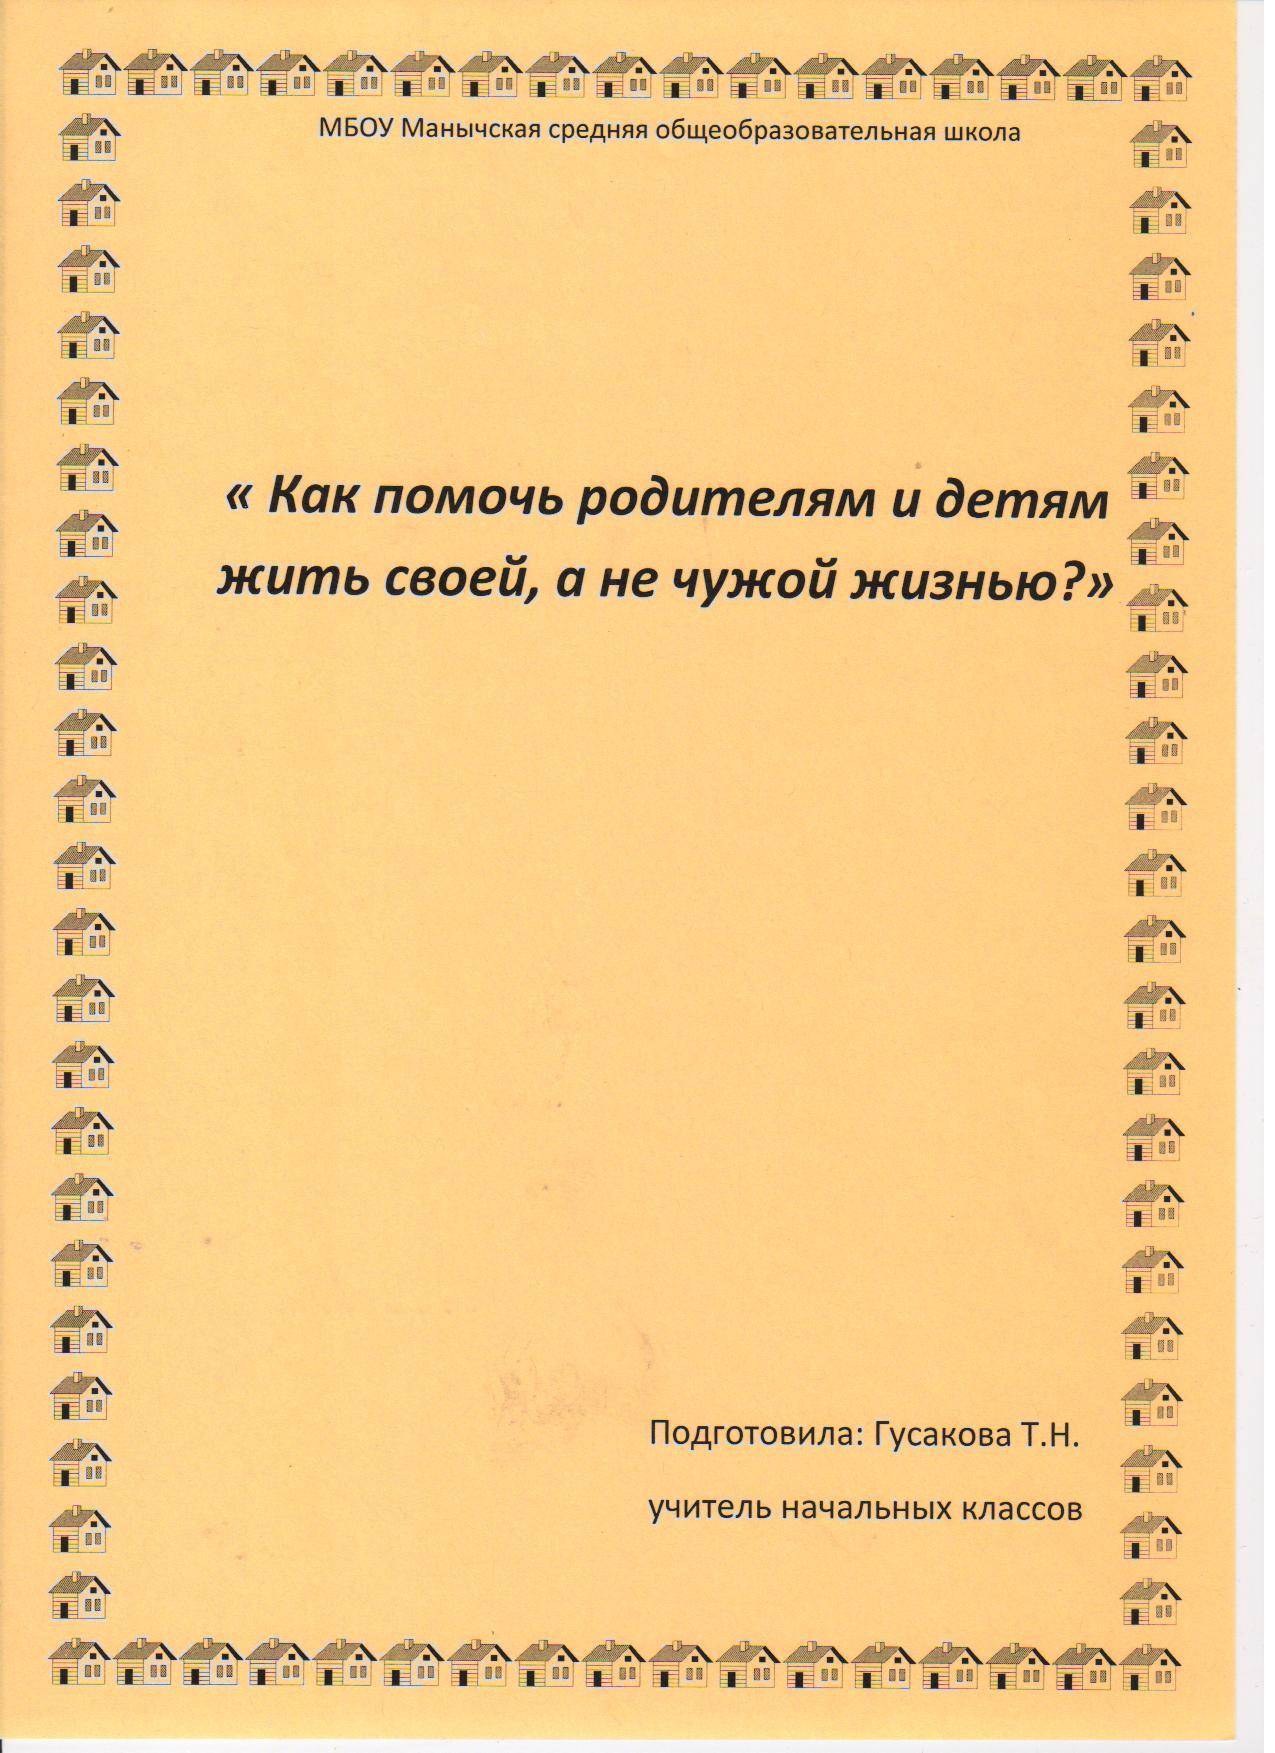 C:\Documents and Settings\Пользователь\Рабочий стол\сканирование\Изображение 031.jpg